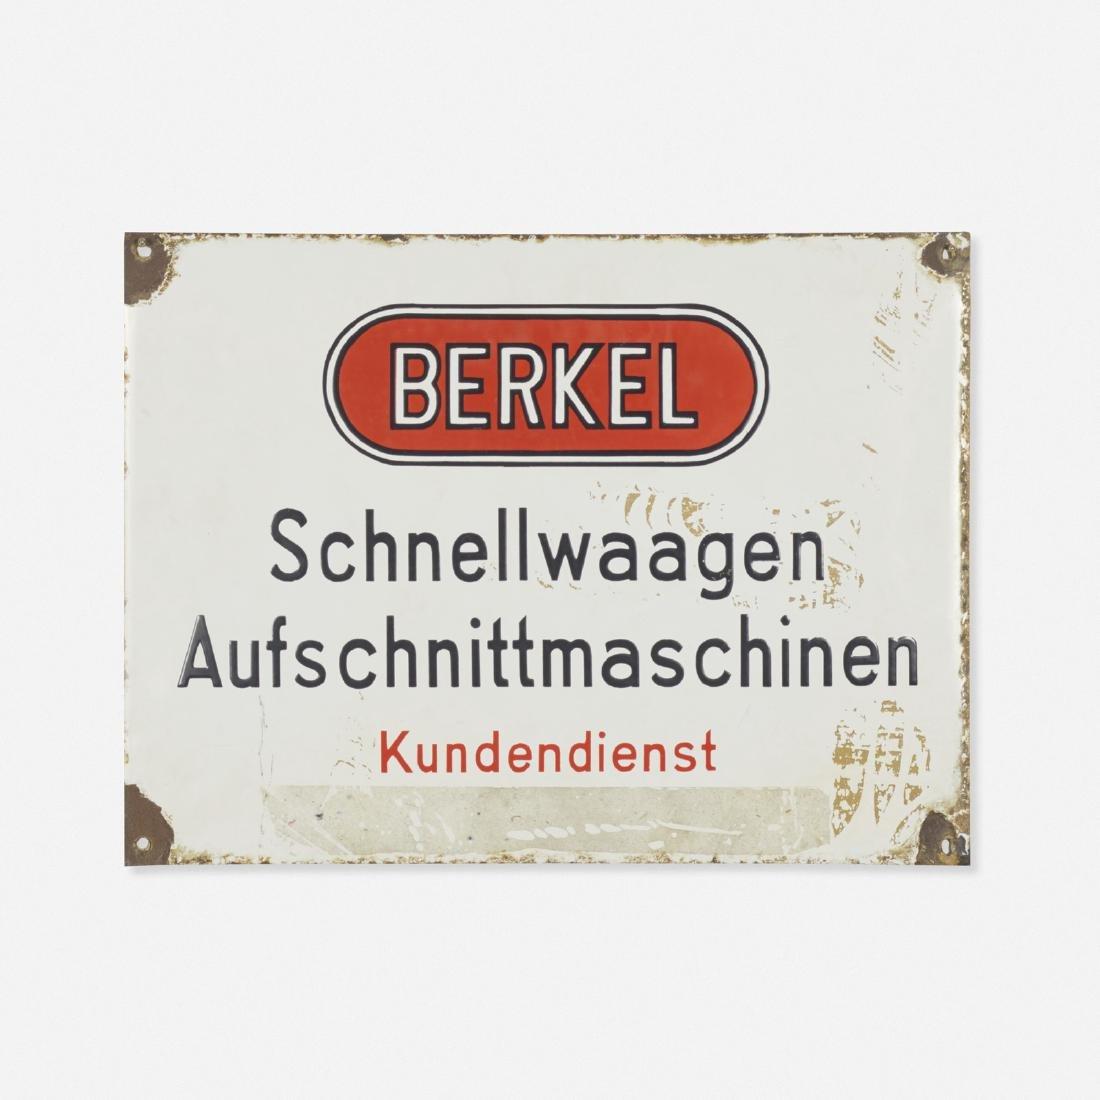 Berkel, display sign